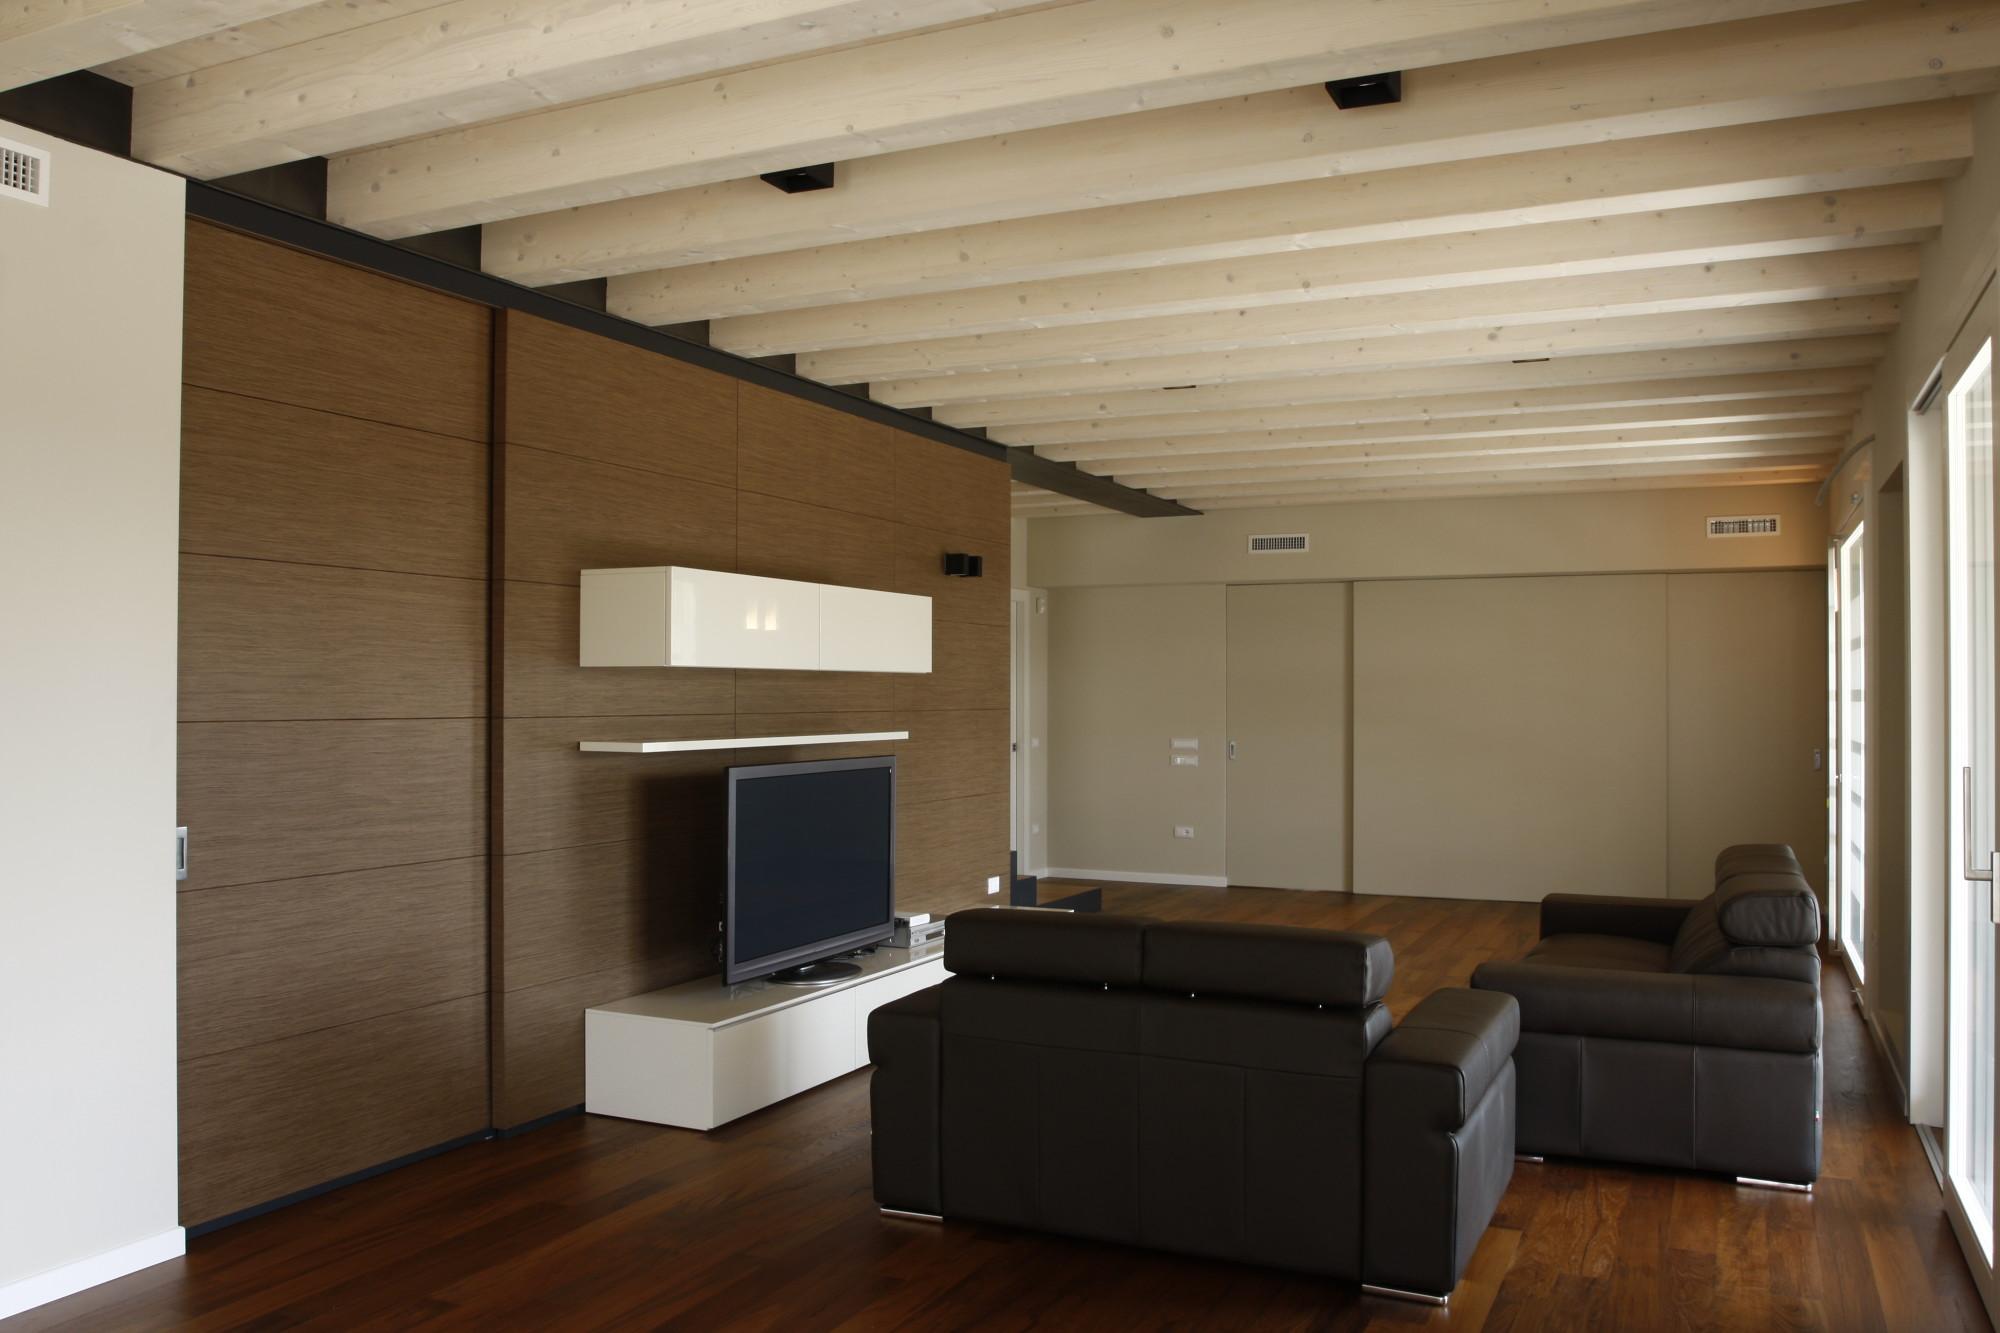 Luci per tetto in legno in cucina con un soffitto in legno come